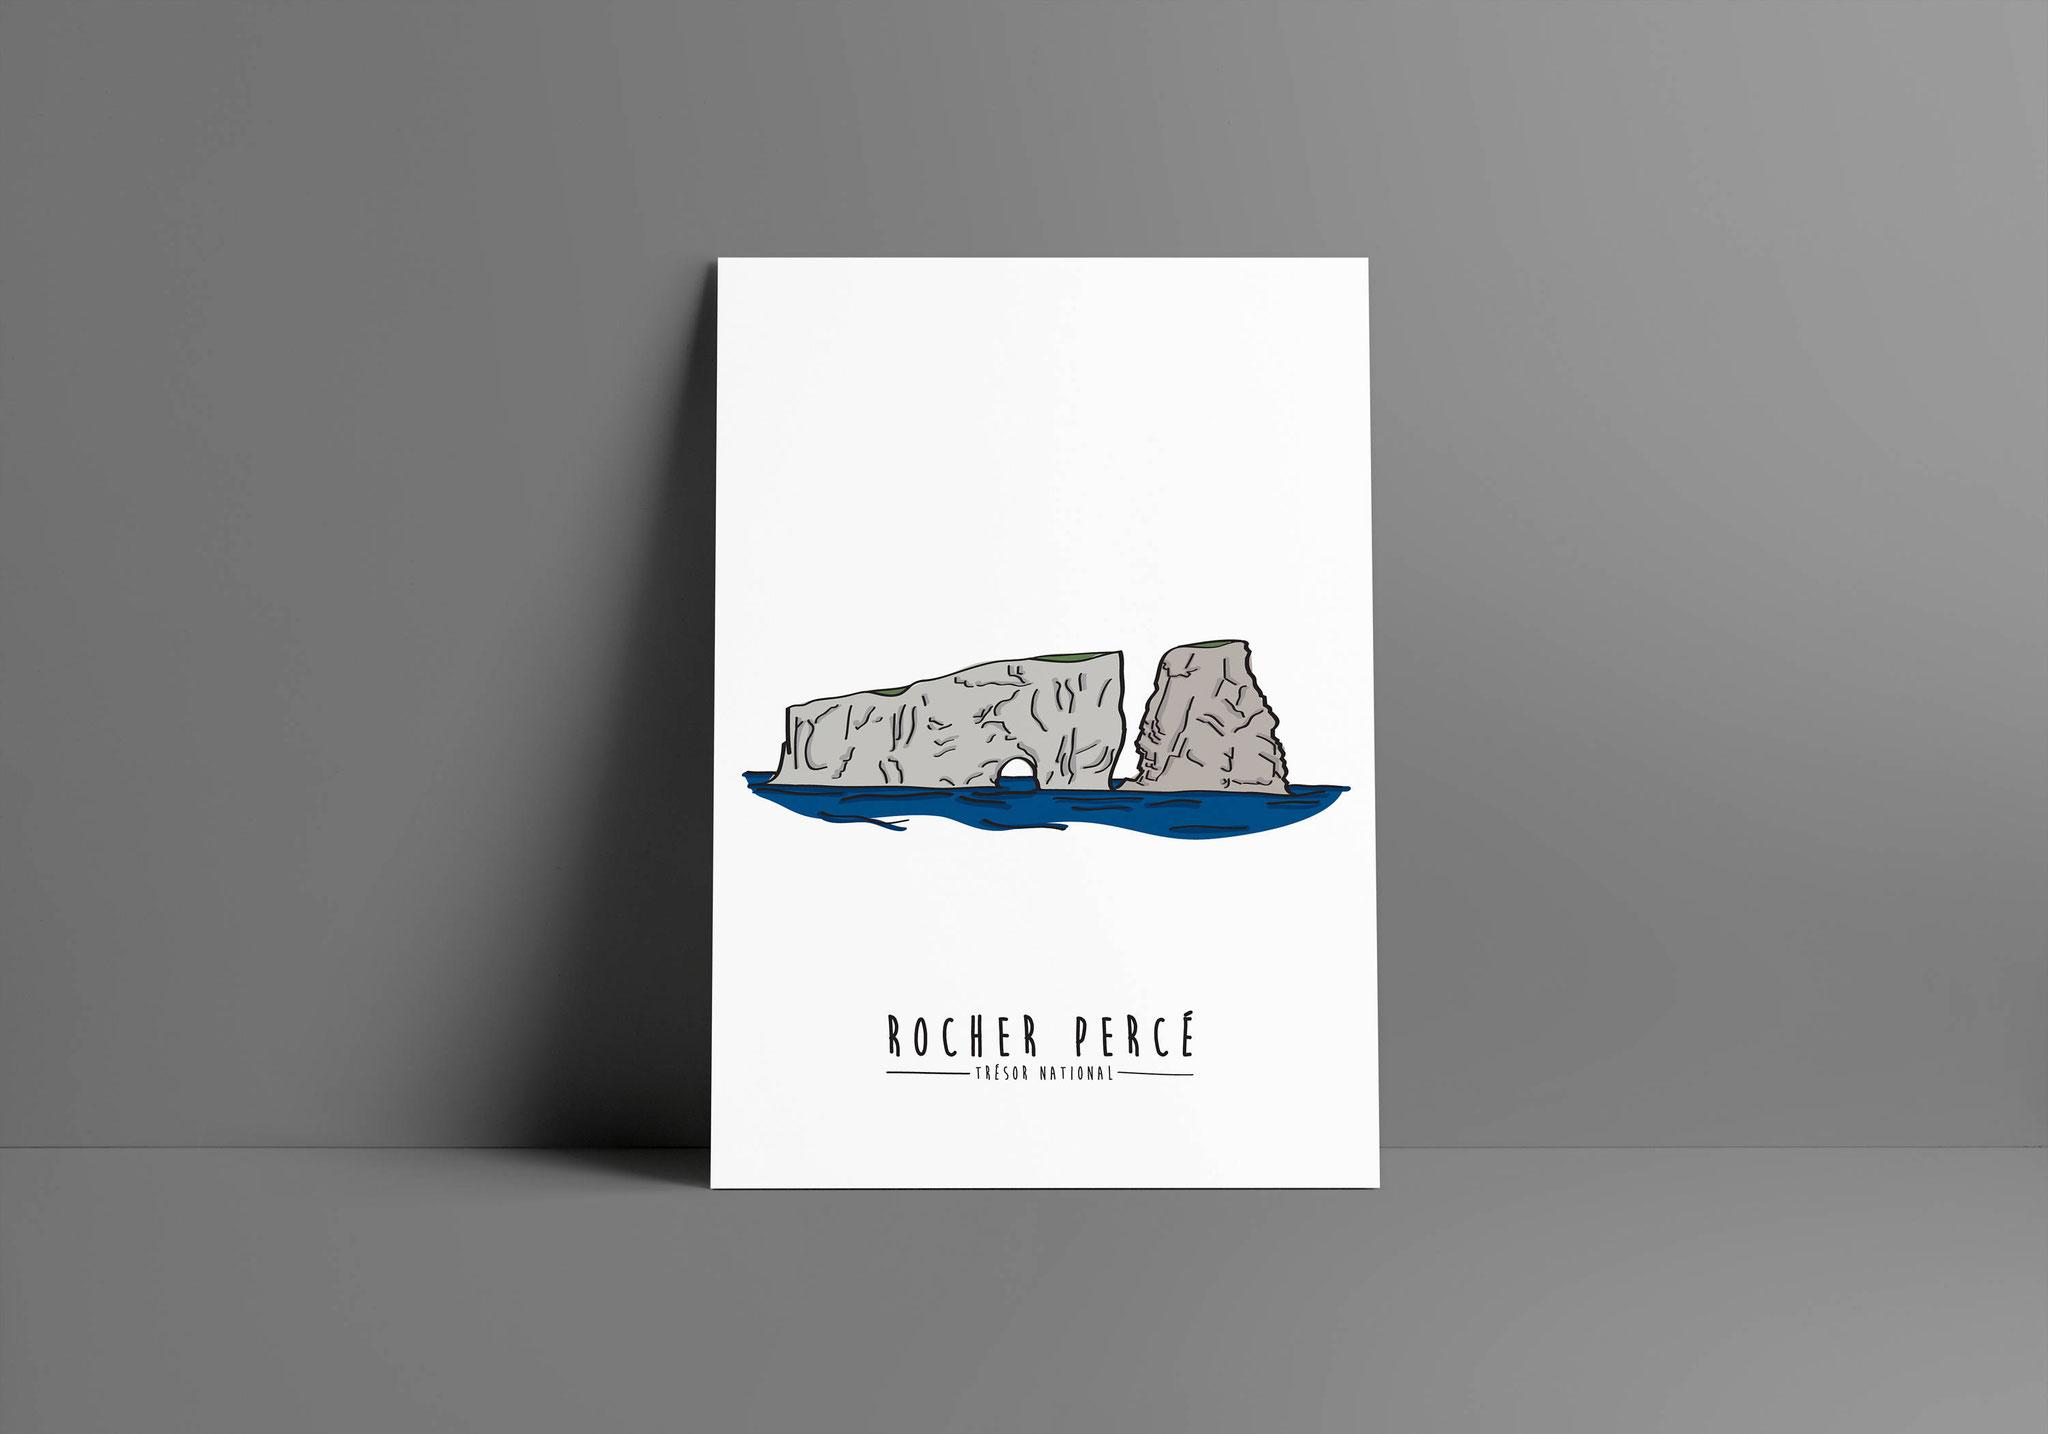 Illustration du célèbre Rocher Percé, créée par Fleurmaisonco